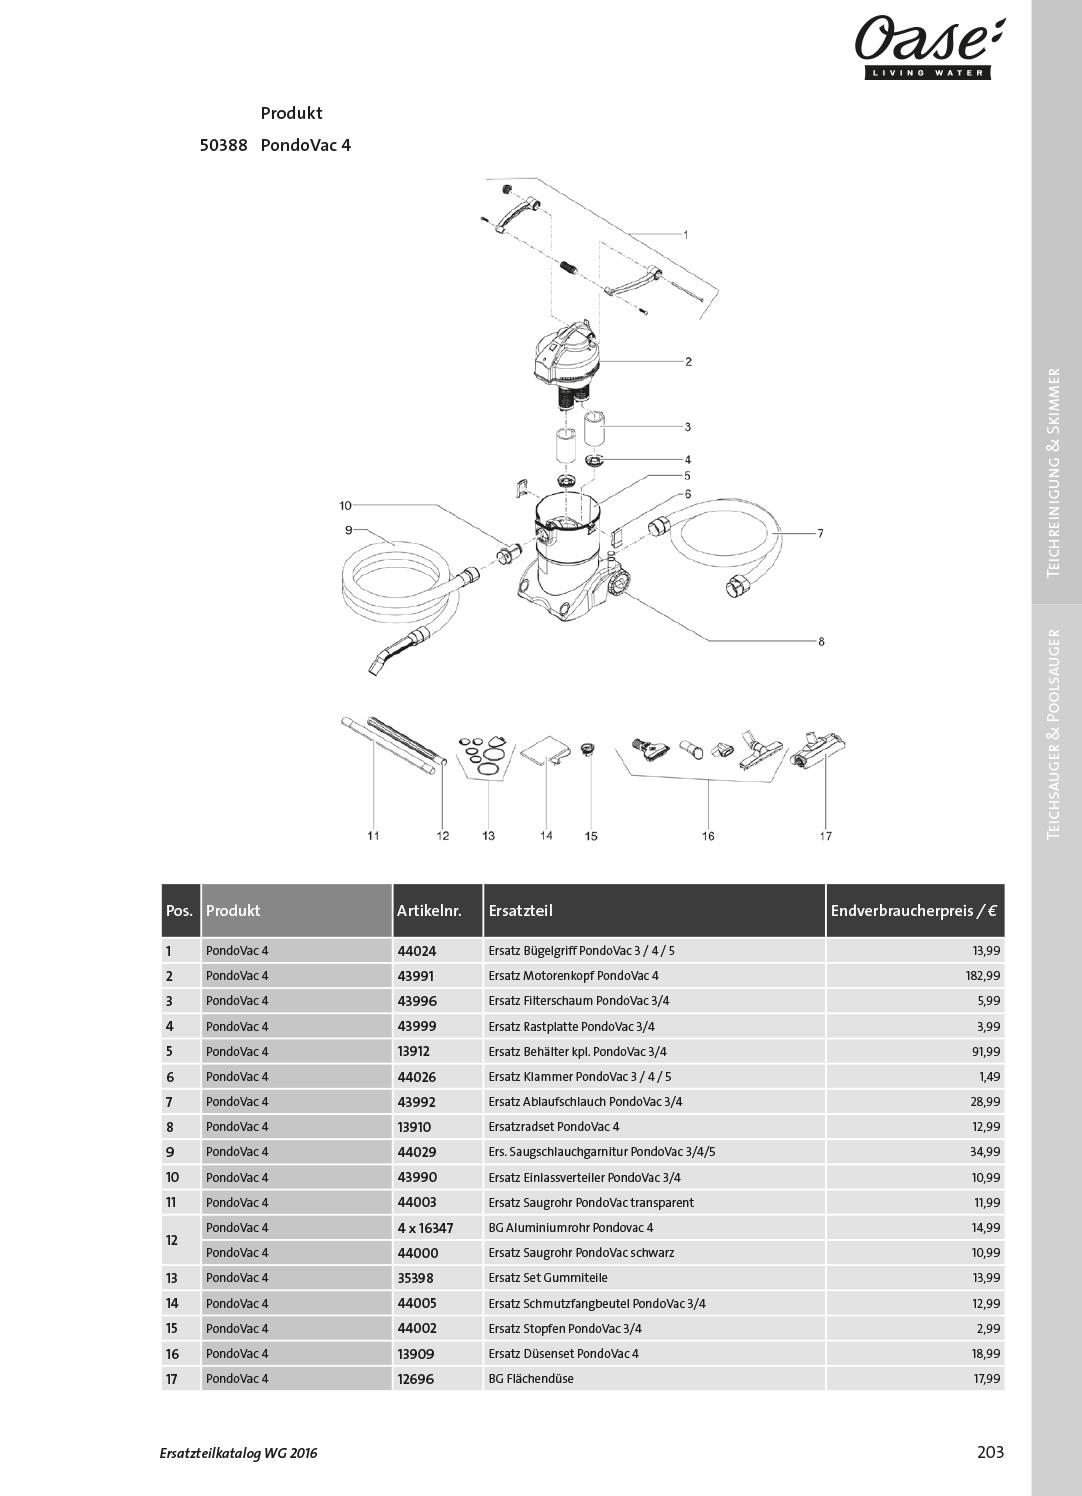 Oase-Ersatzteile für 50388 Oase PondoVac 4